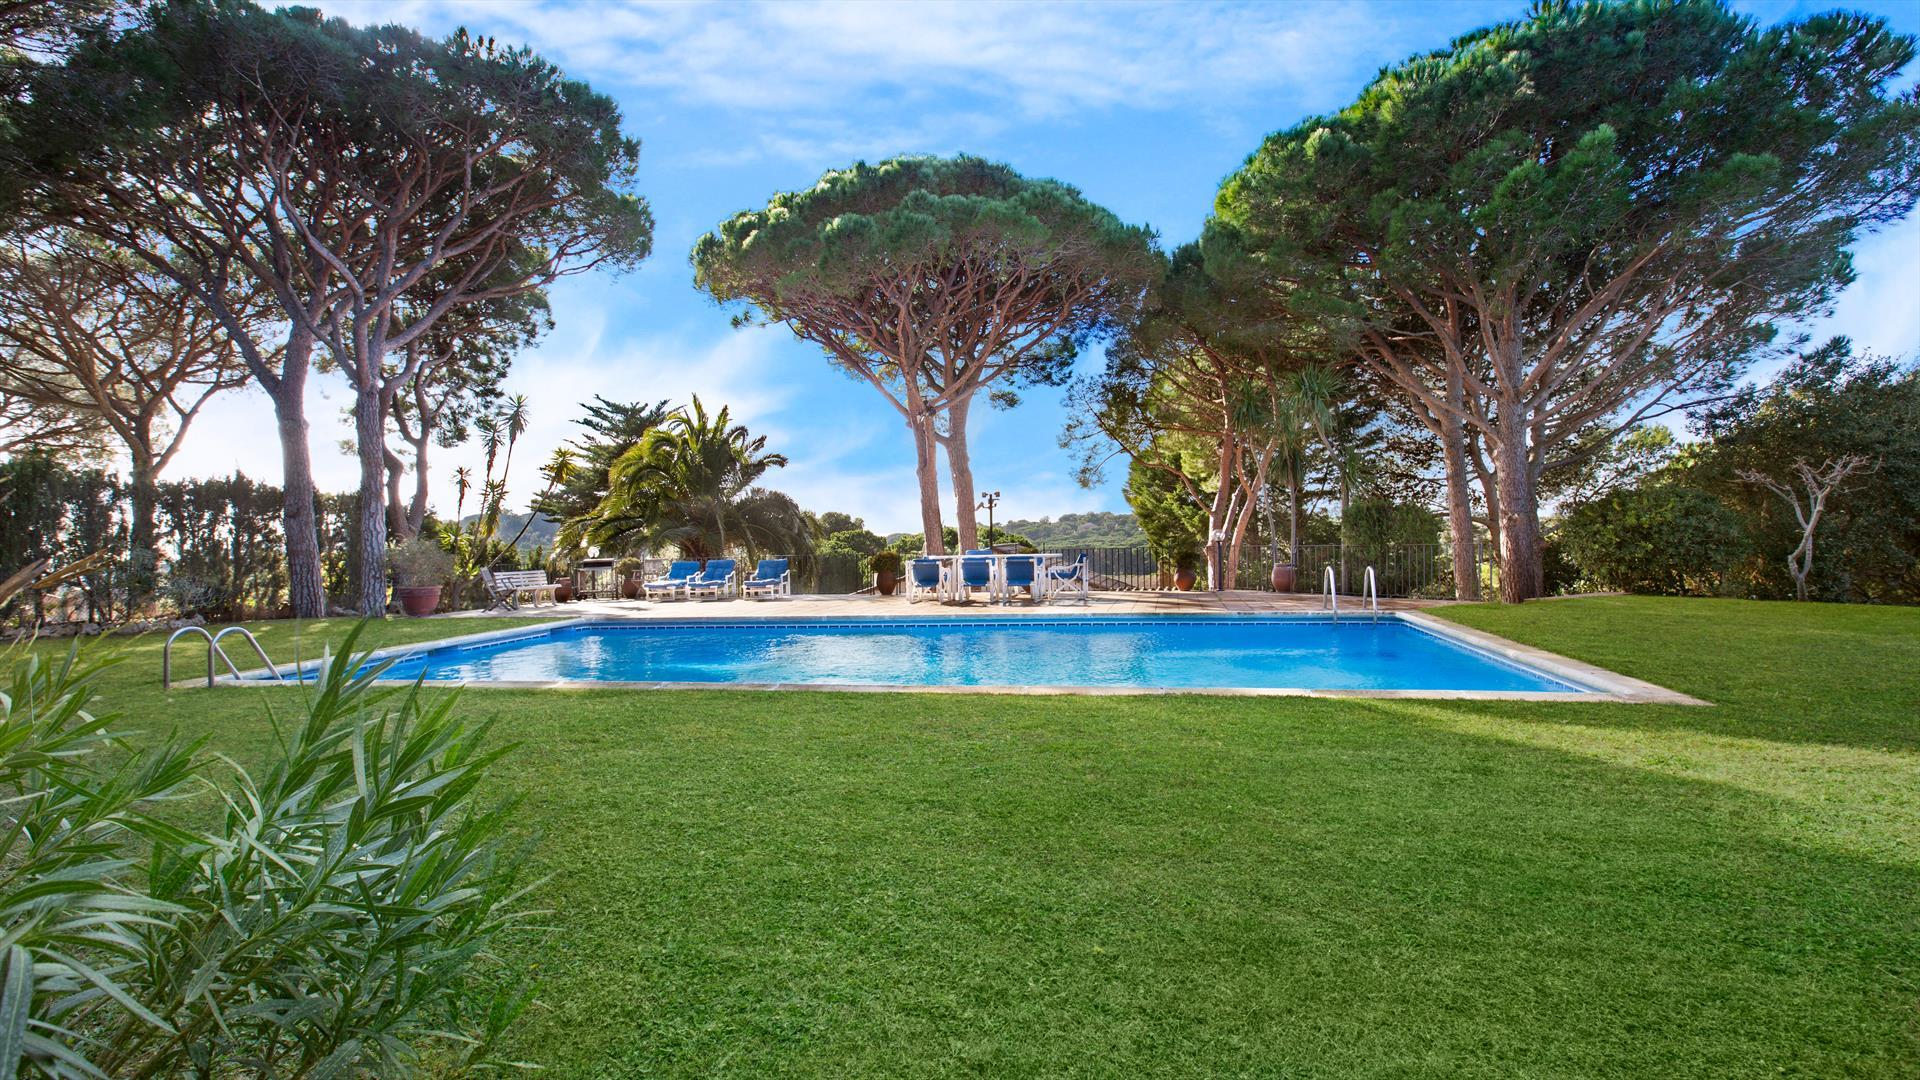 Villa morenita,Villa  with private pool in Llafranc, on the Costa Brava, Spain for 8 persons...